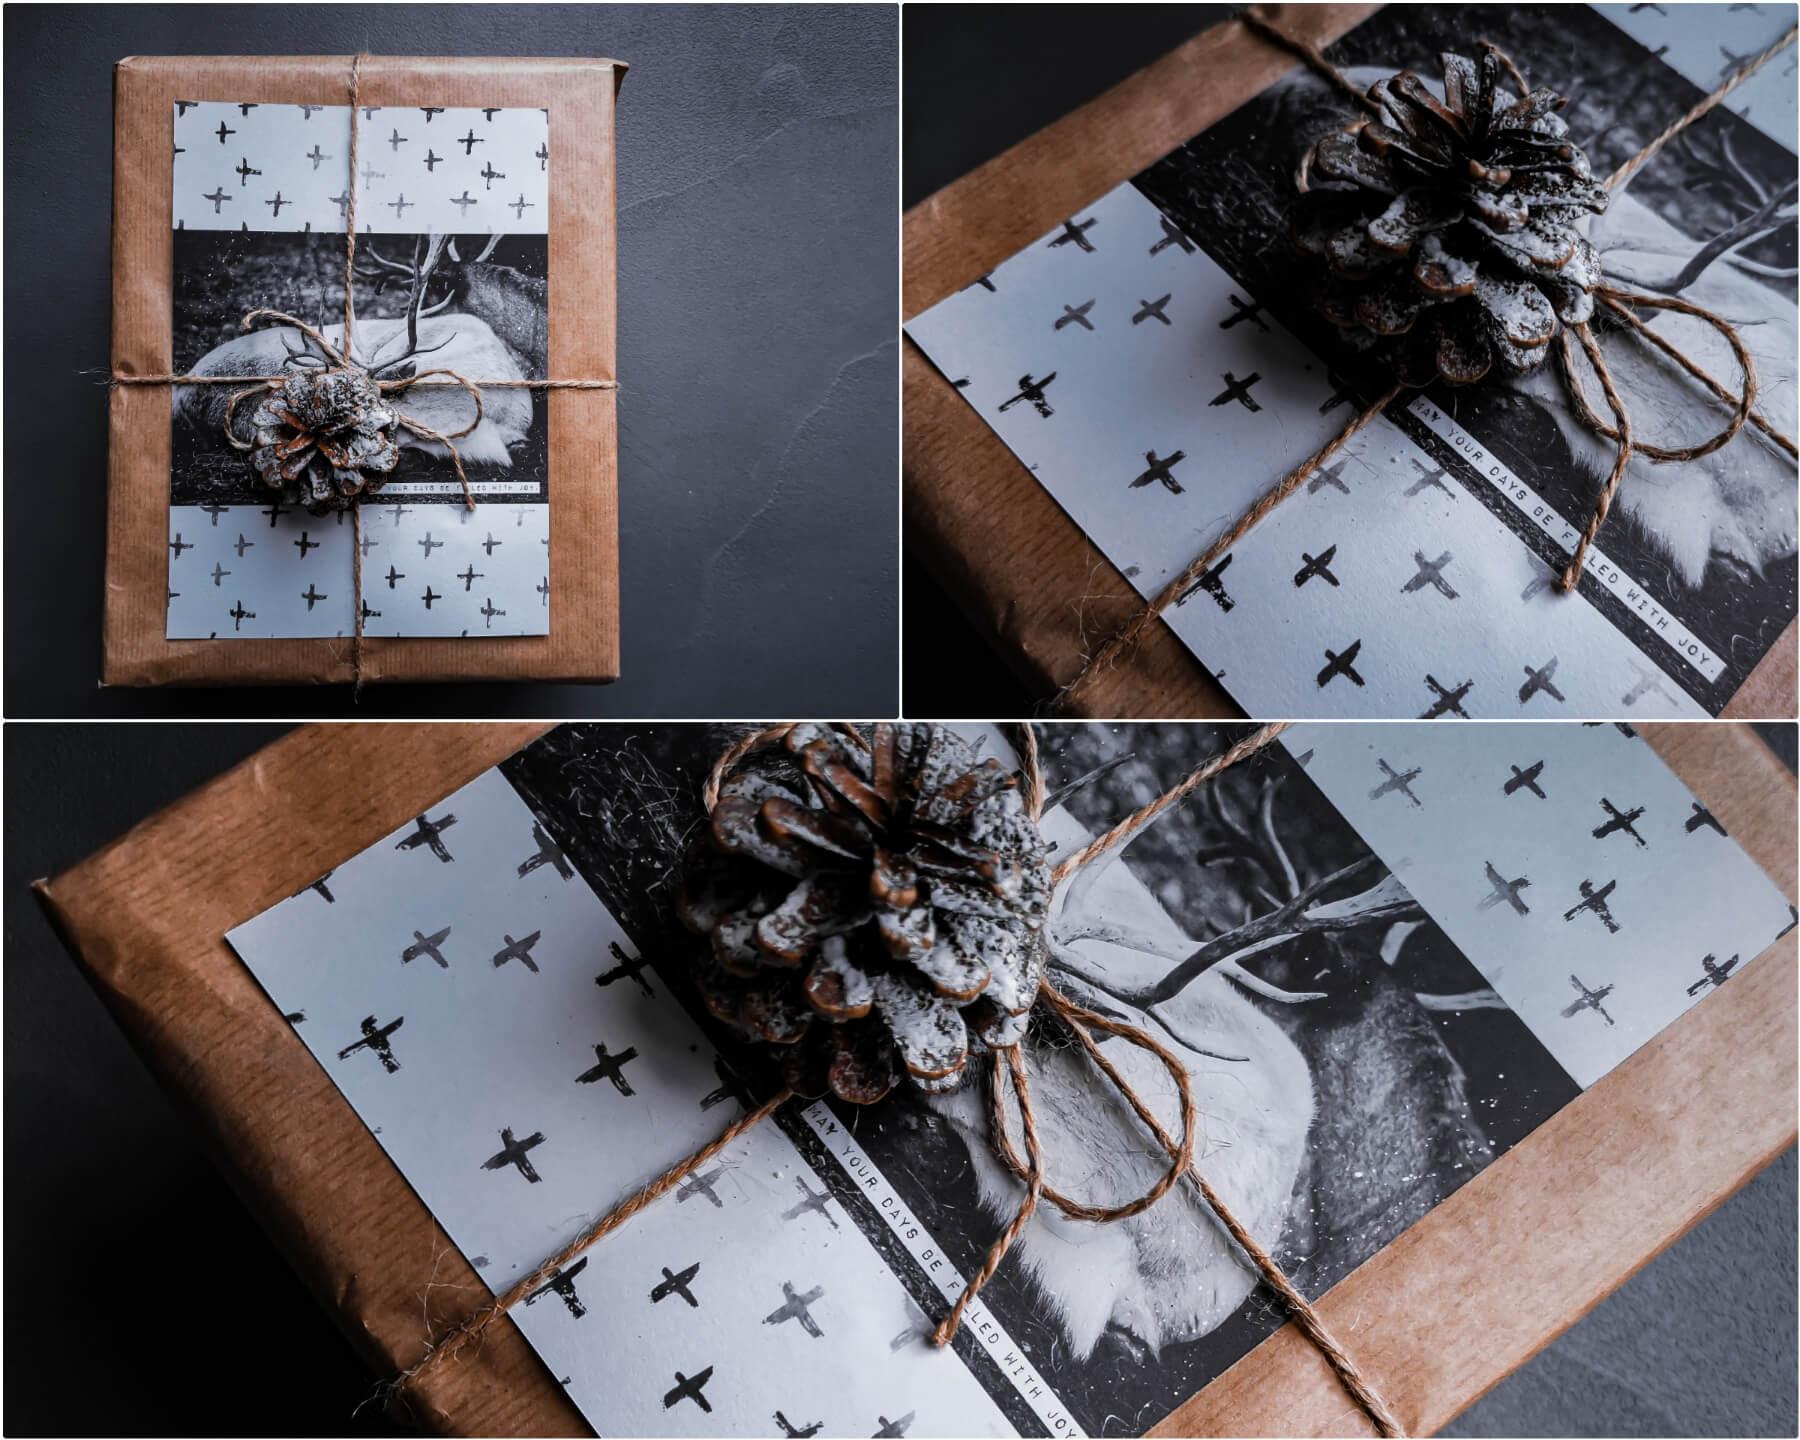 inCollage 20191208 165212146 resized 20191208 050953580 - Geschenke verpacken: 11 kreative Tipps zum Selbermachen